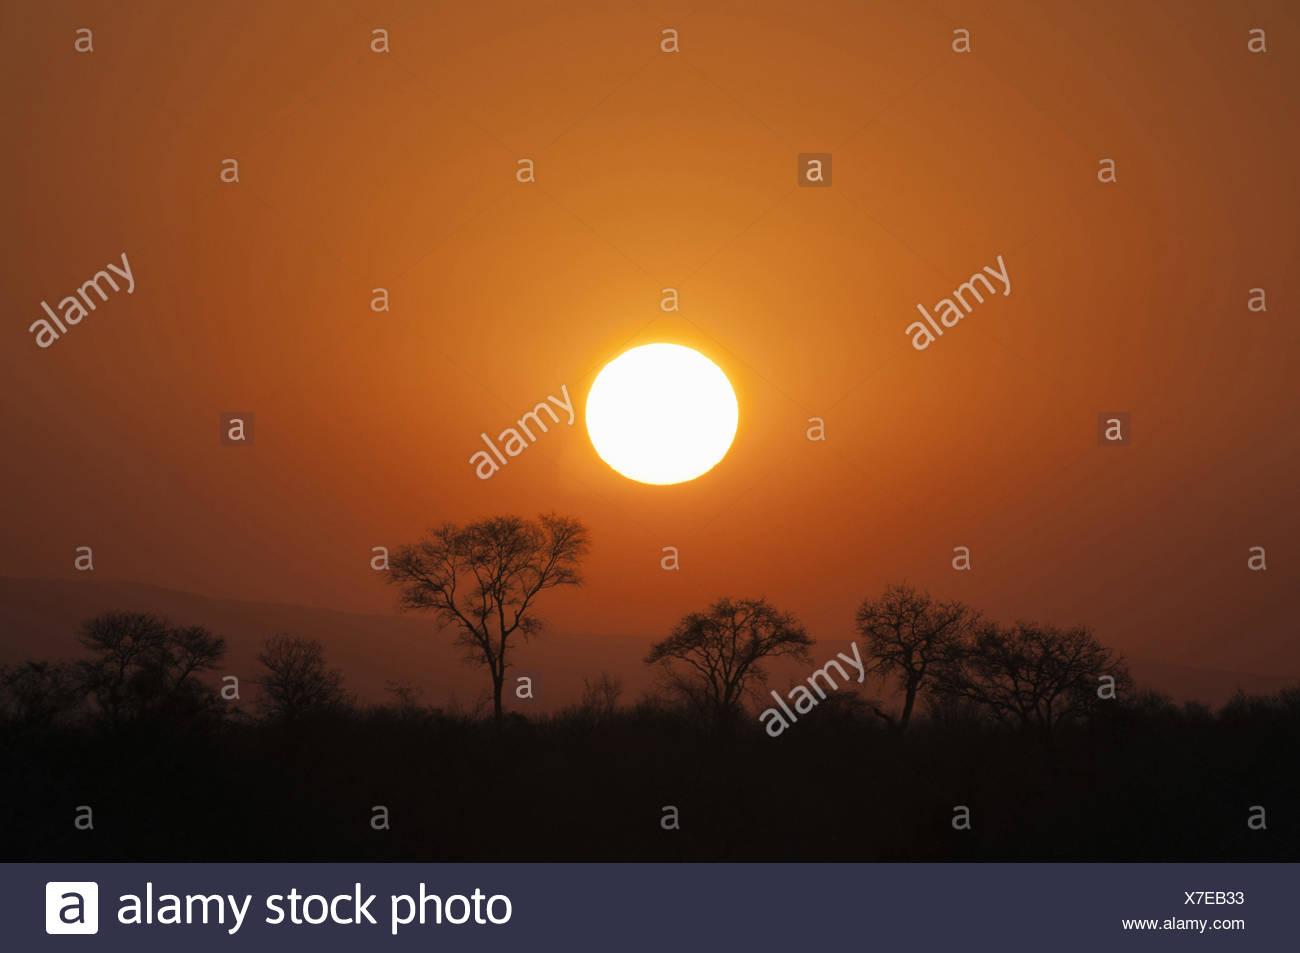 sunset in Krueger National Park, South Africa, Krueger National Park - Stock Image